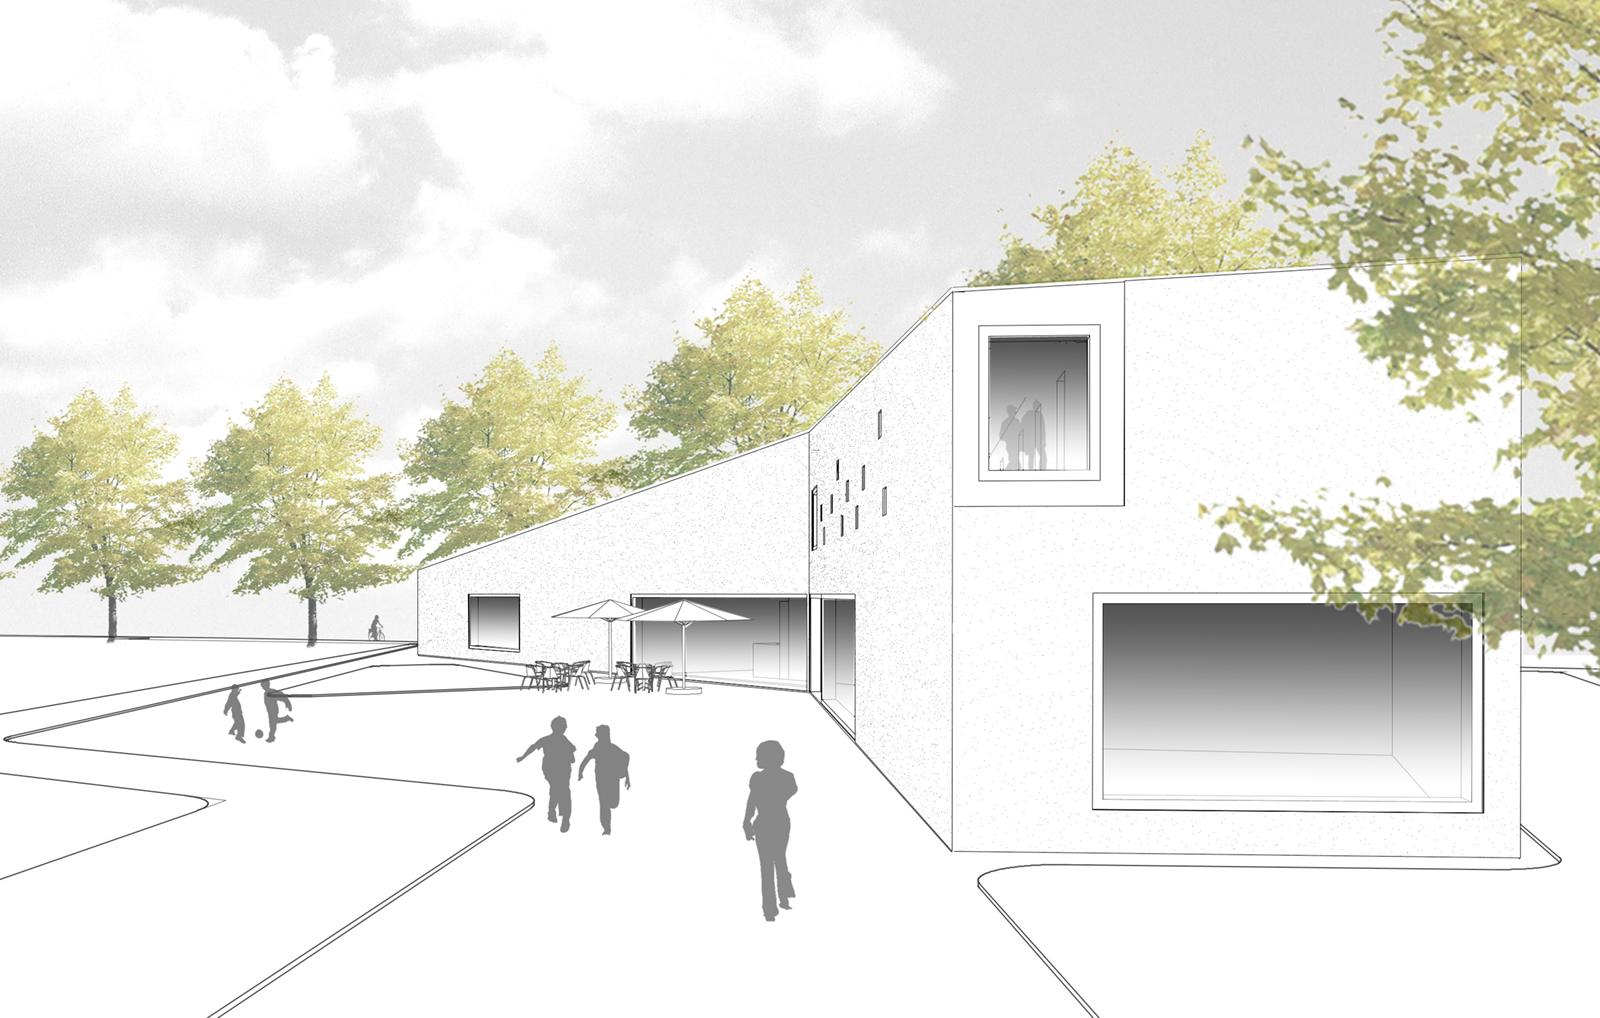 riedrich-Poerschke-Zwink_Realisierungswettbewerb-Jugendzentrum-Landsberg-am-Lech-1.Preis_Perspektive